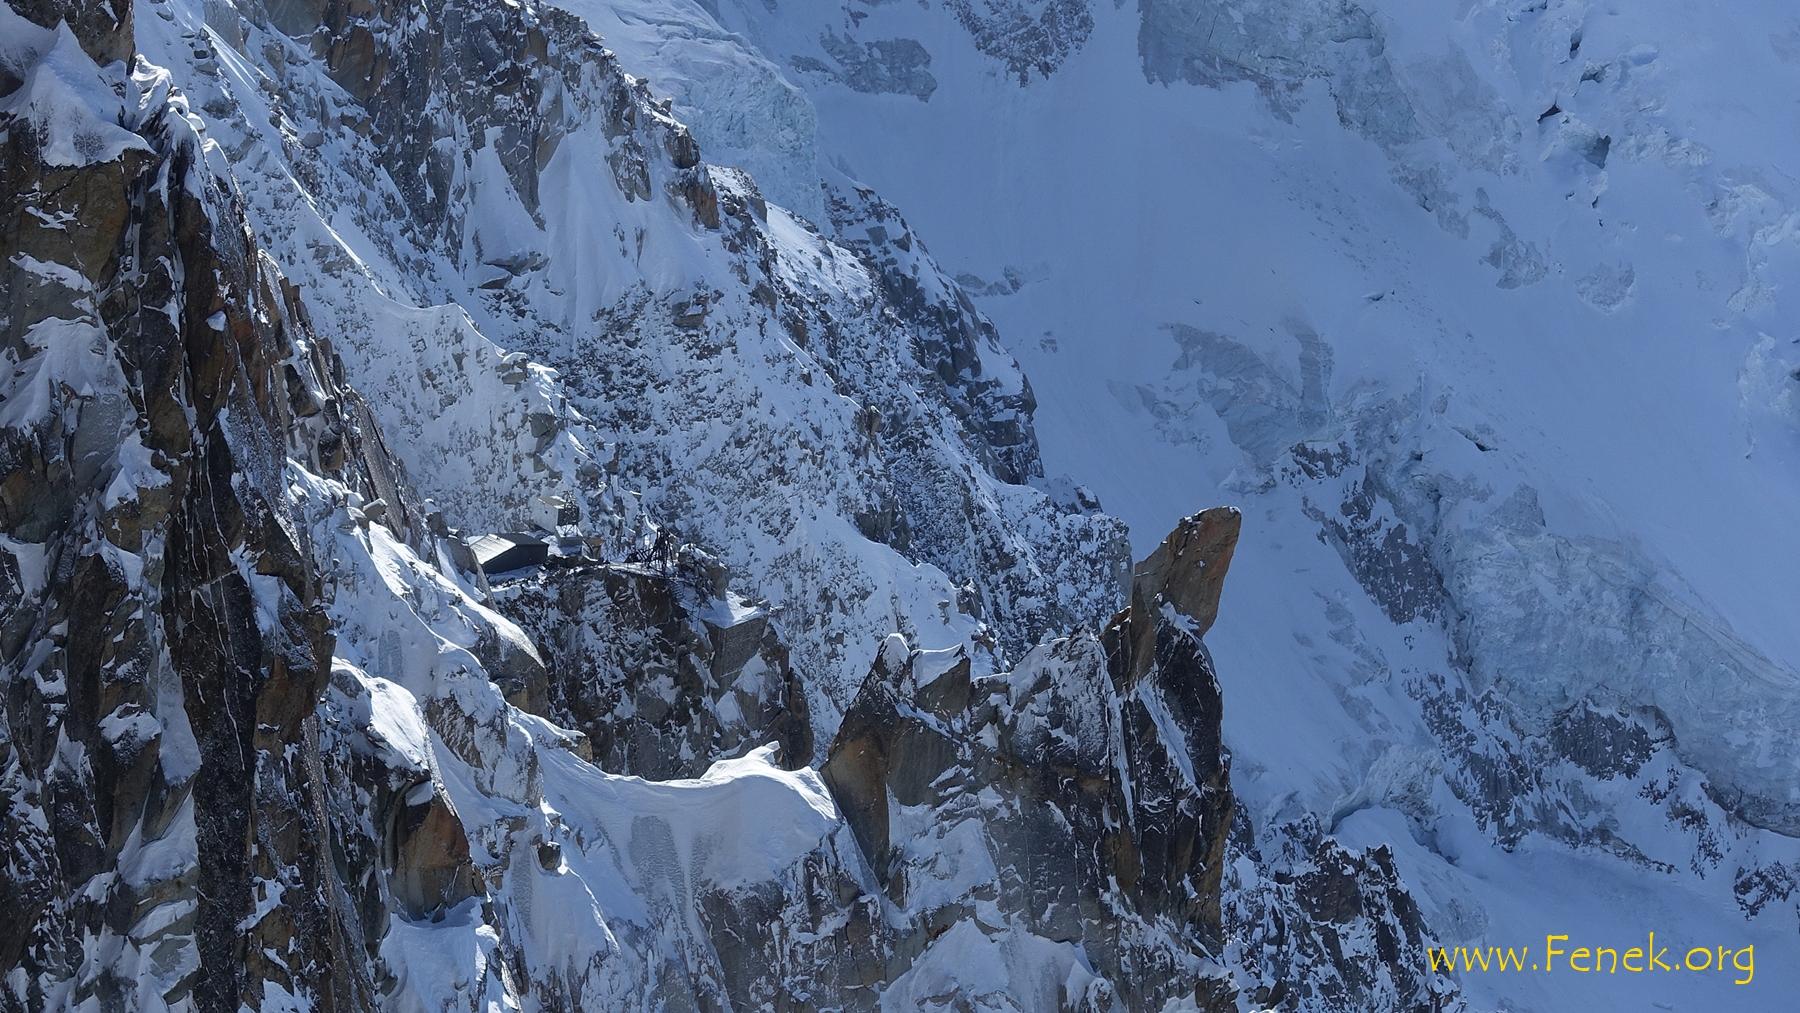 Refuge des Cosmiques - hier habe ich übernachtet vor der Besteigung zum Mont Blanc